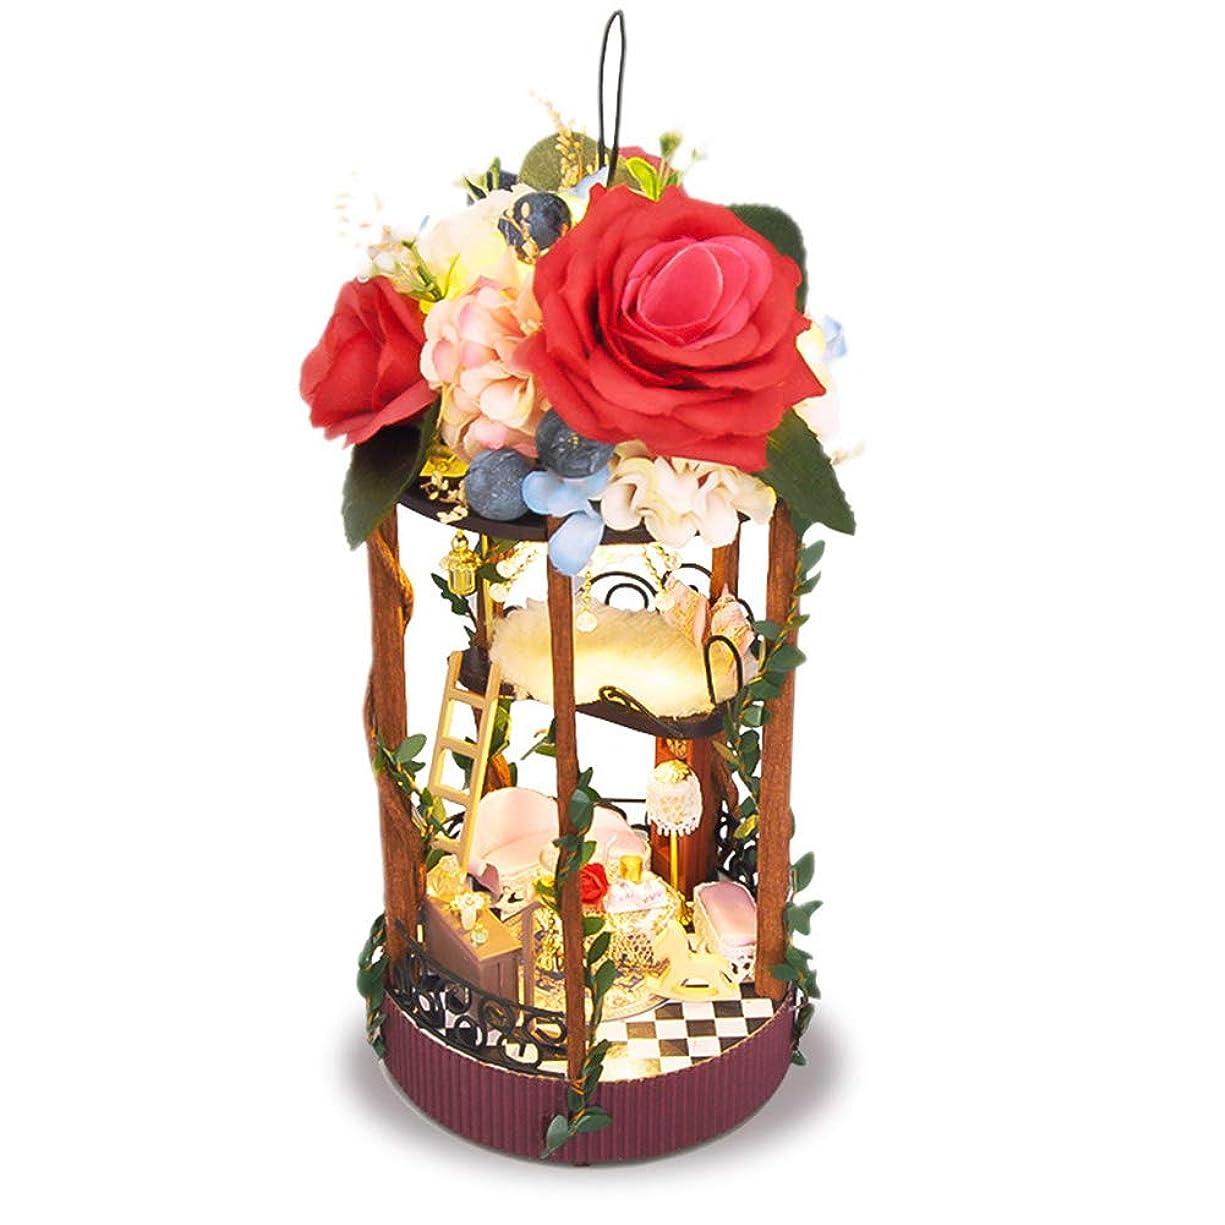 とても一人で受動的LULAA DIYドールハウス ミニチュア 3D花屋 小屋 北欧風コテージ 手作りキット セット 3D家具キット 現代モダン インテリア LEDライト付き プレゼント 雰囲気作り 秘密の花屋